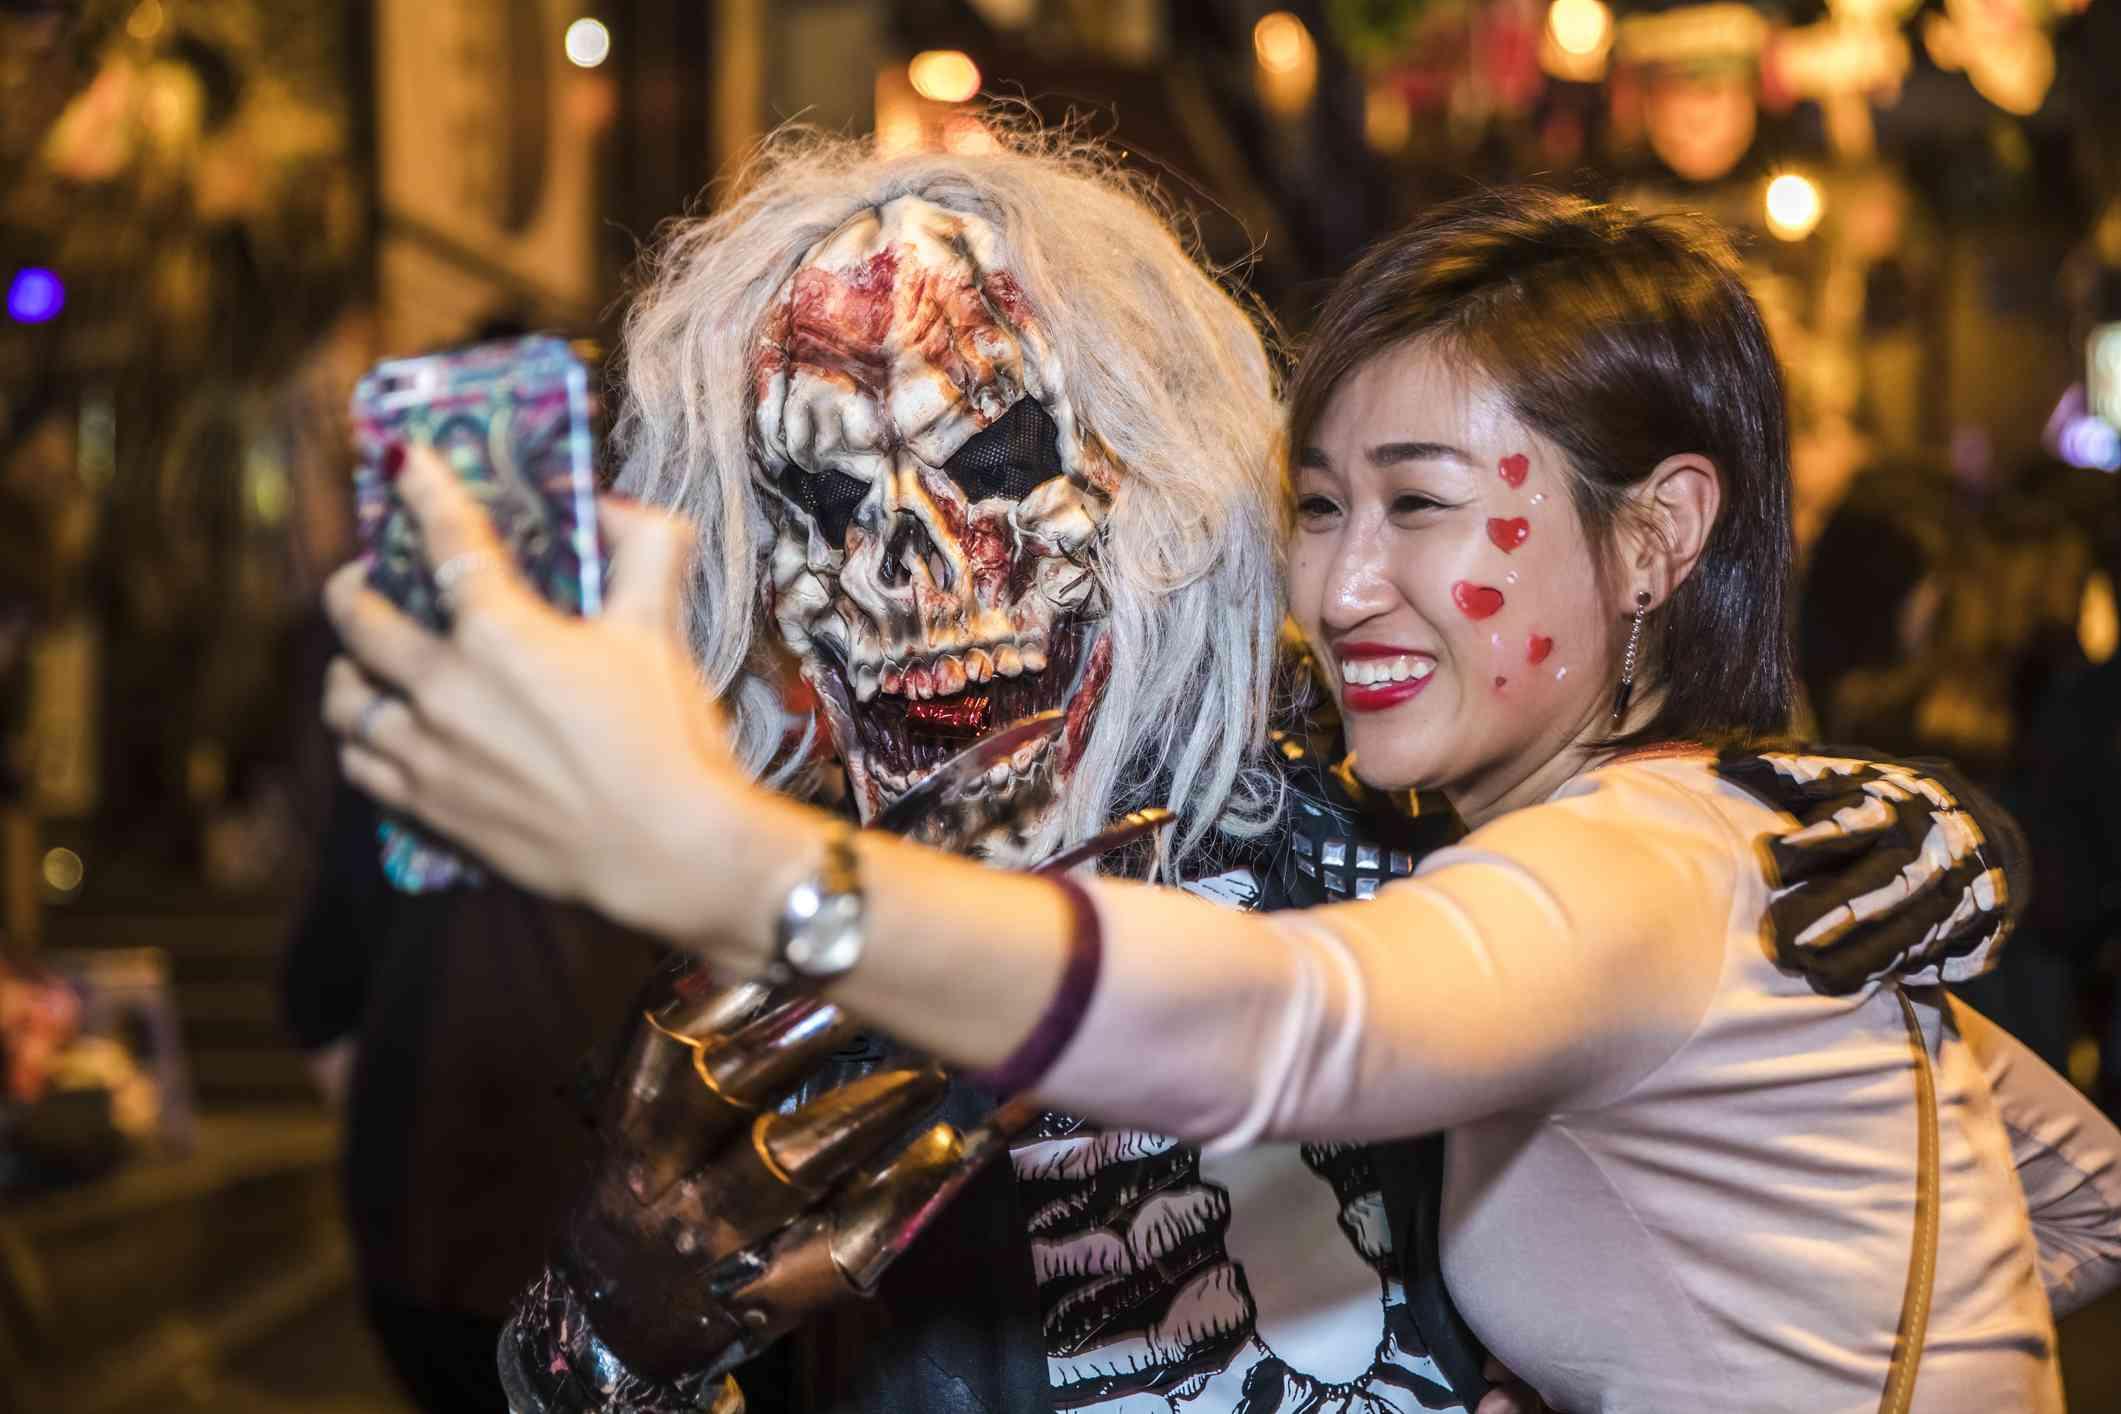 Selfie with Halloween reveler, Hong Kong